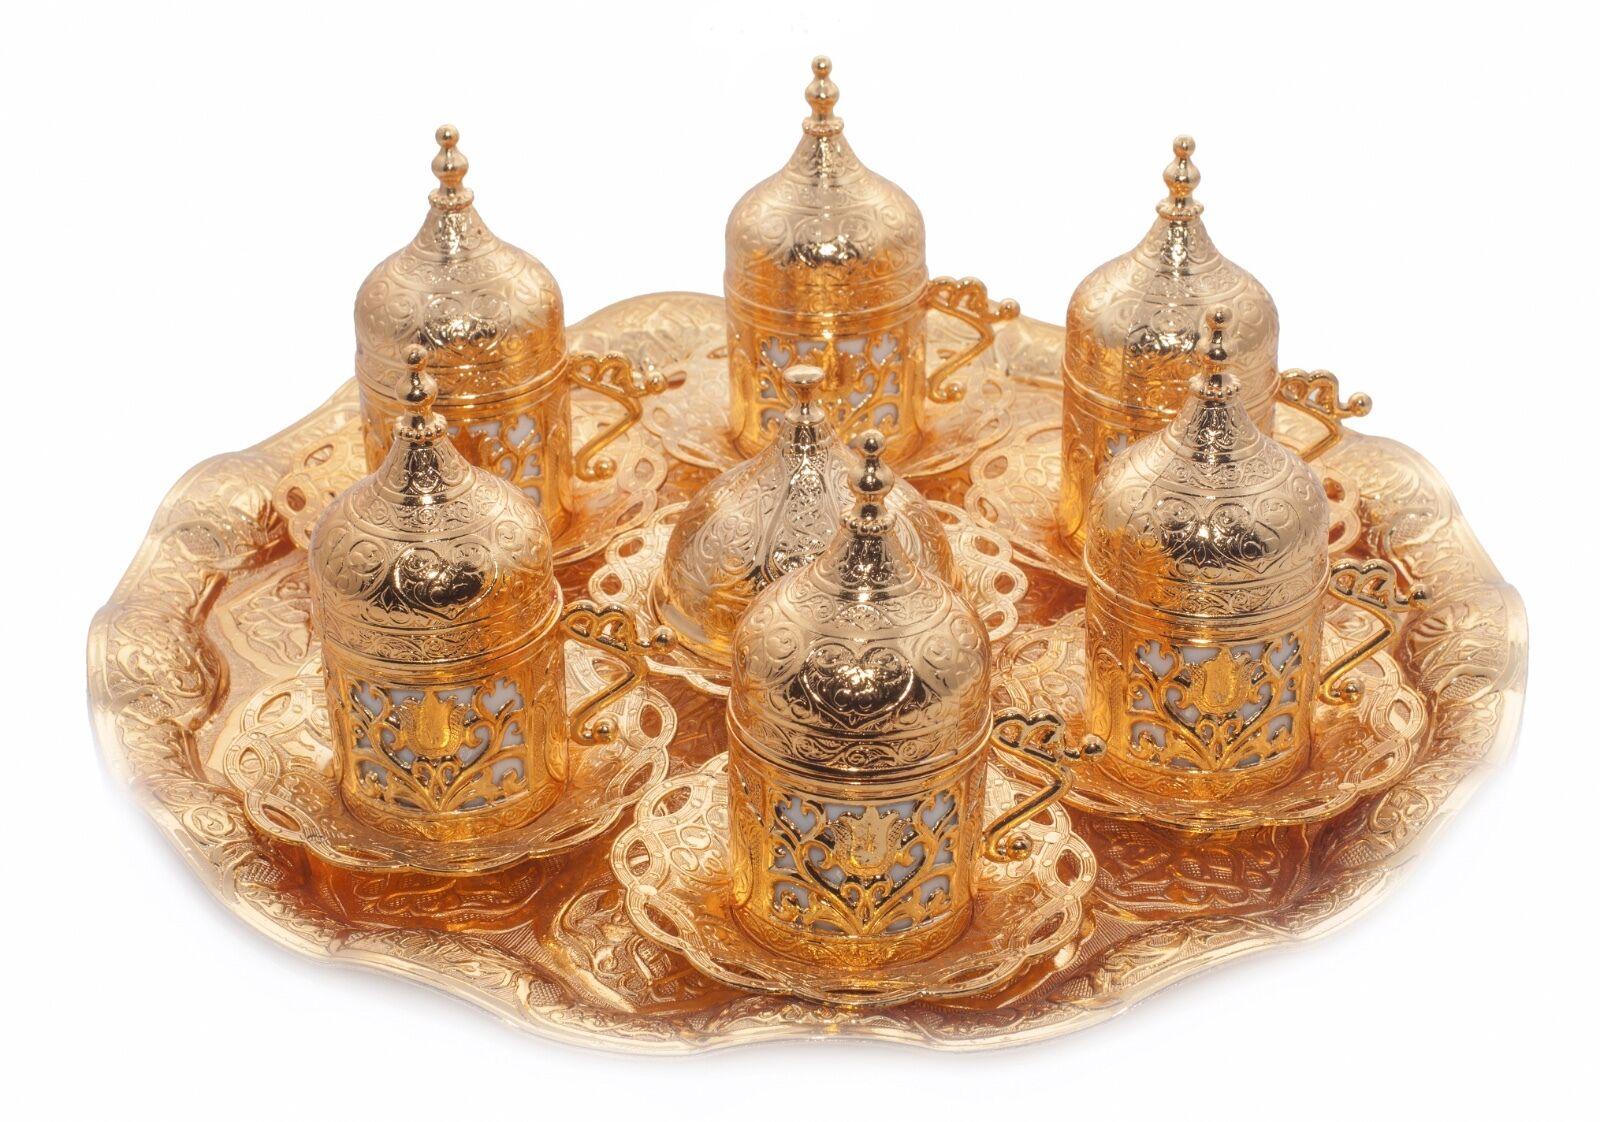 Caffè turco Set Tazze Delight BOWL PORCELLANA VASSOIO Ottomano oro laccato